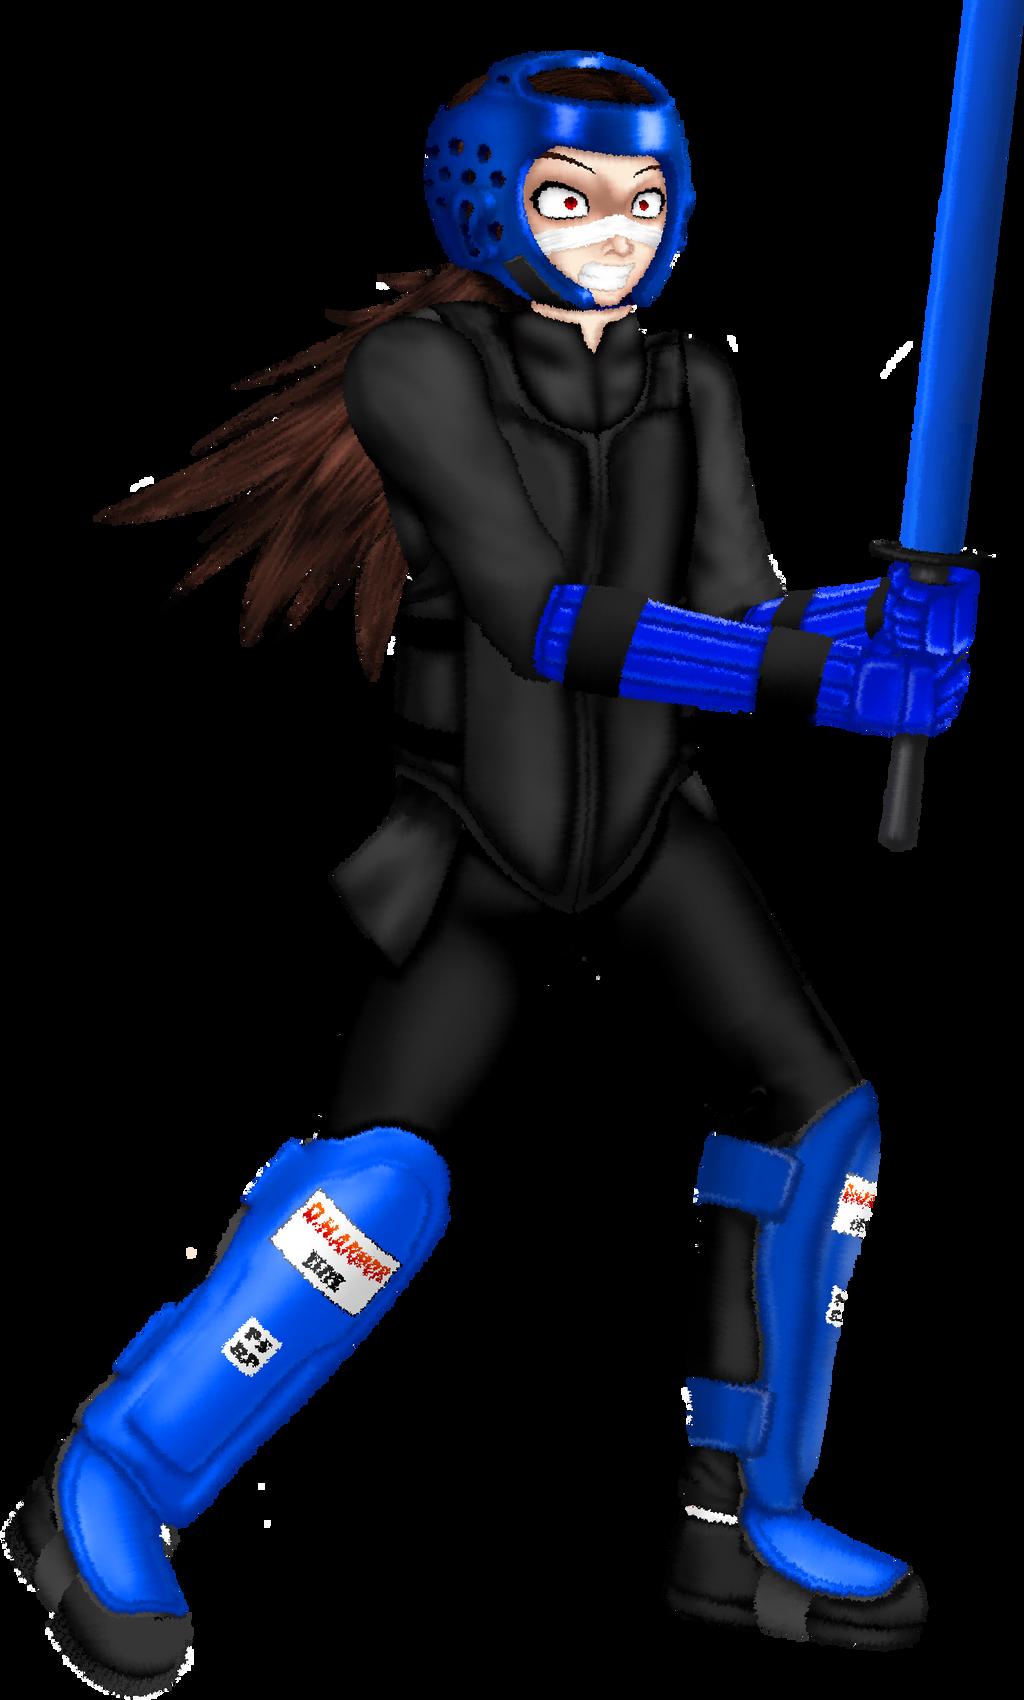 Cyril Swordfighting Gear - DOF